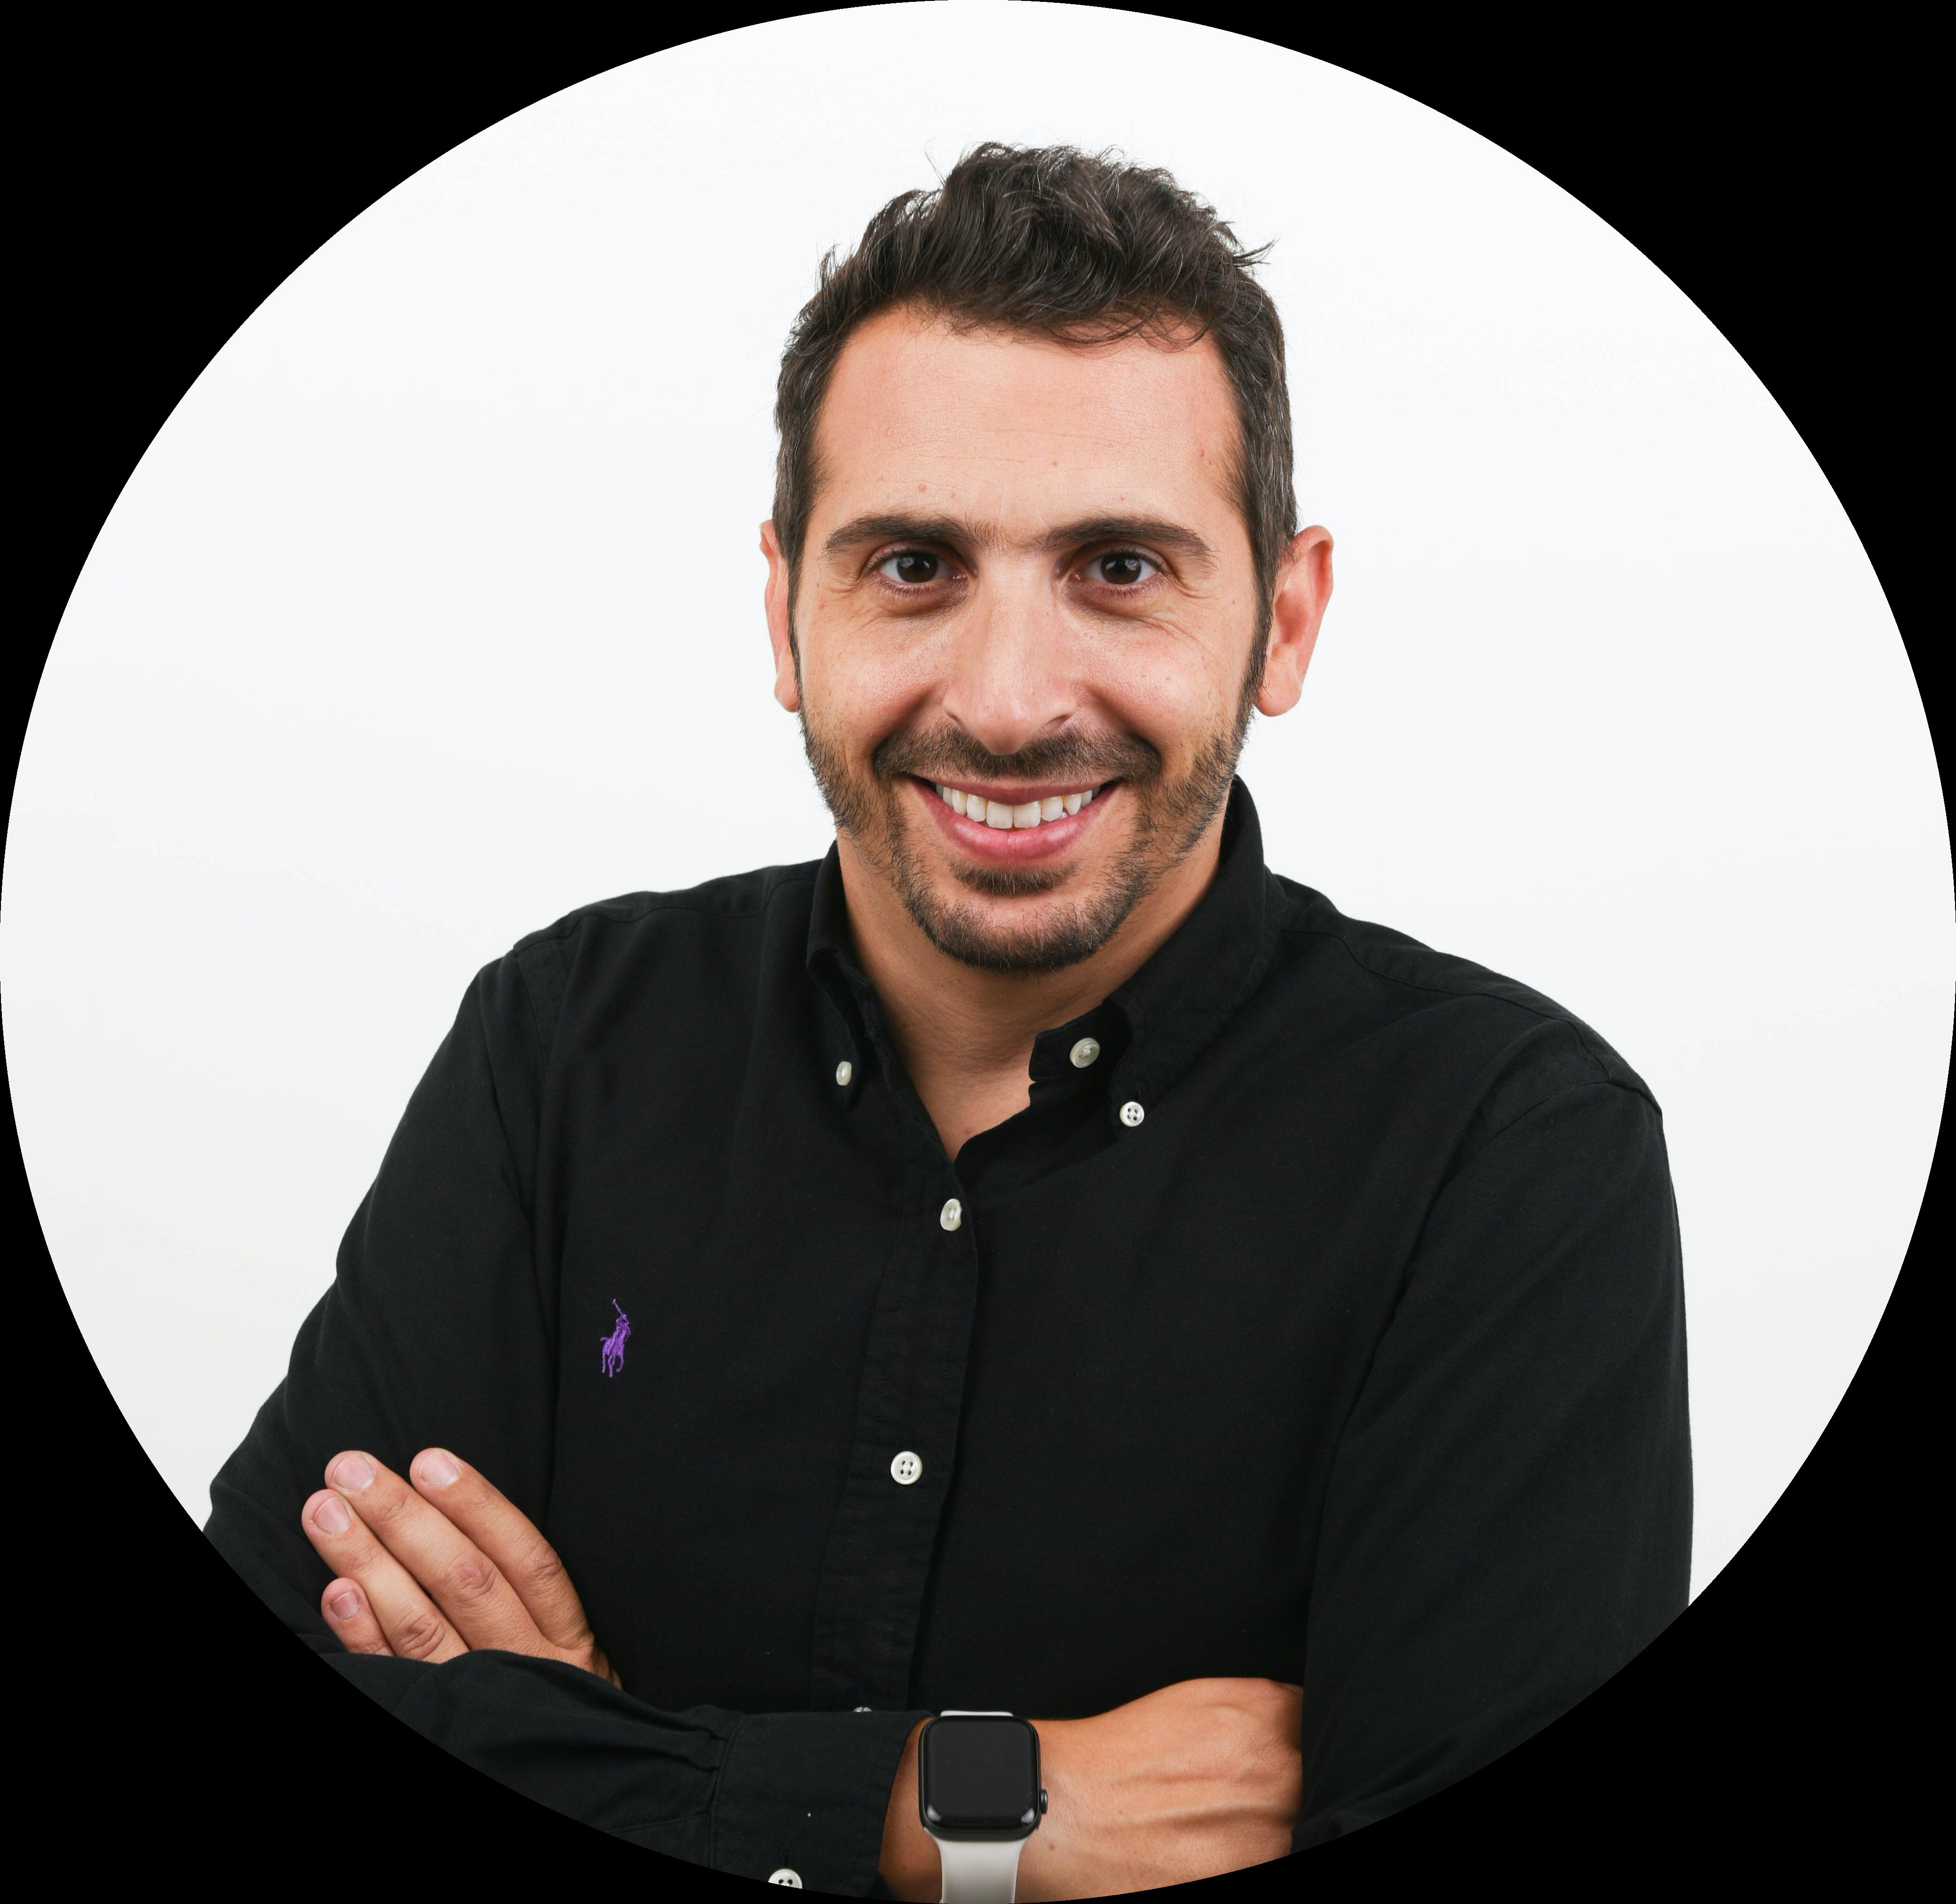 Specialist Periodontist Dr Petros Mouchouris